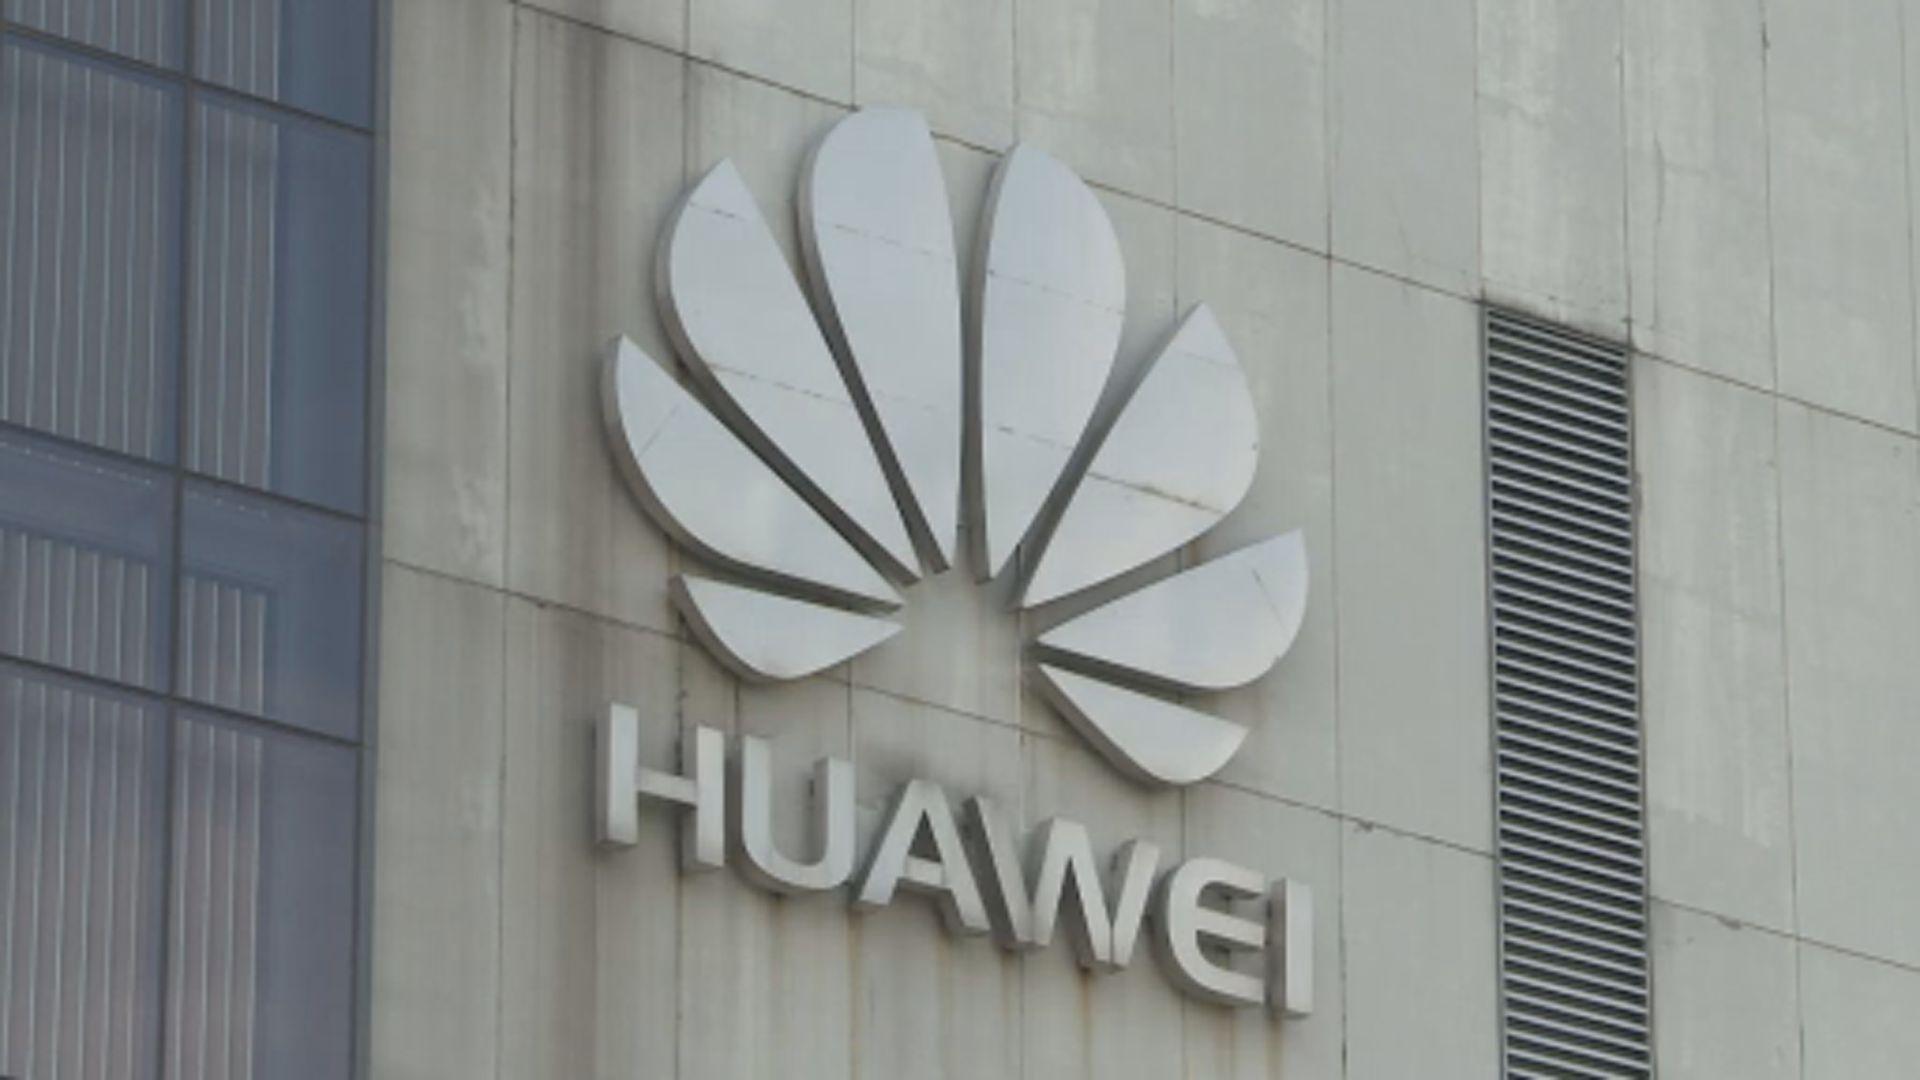 澳洲決定禁用華為5G設備